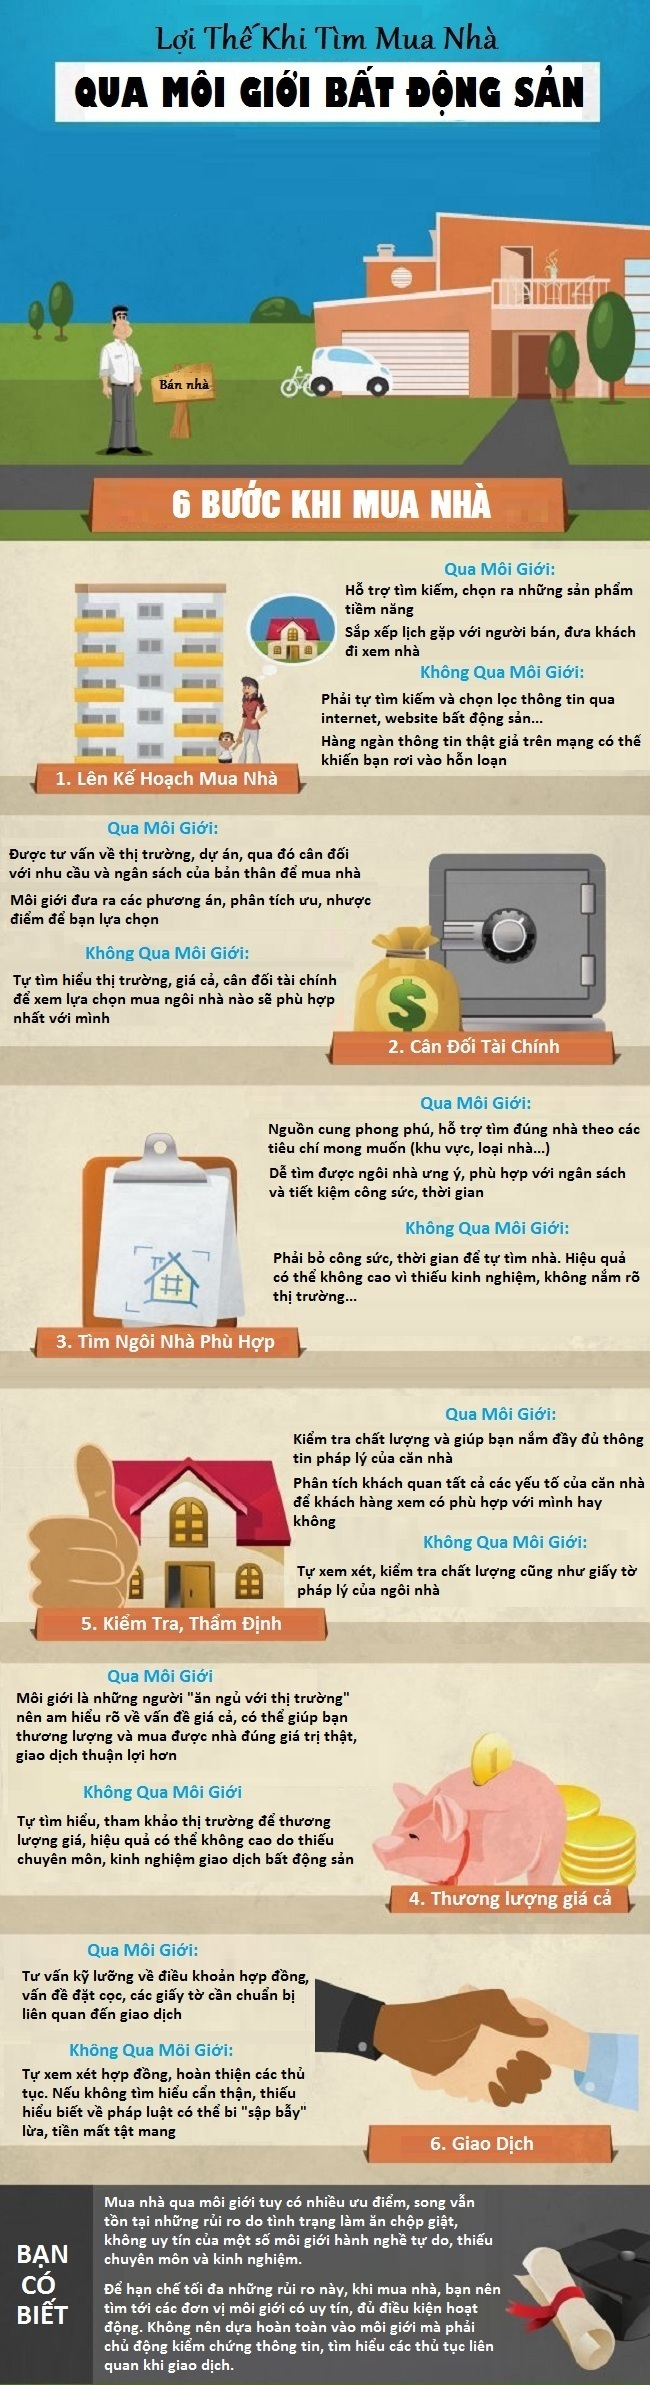 Những lợi ích khi mua nhà qua mối giới thay vì tự mua